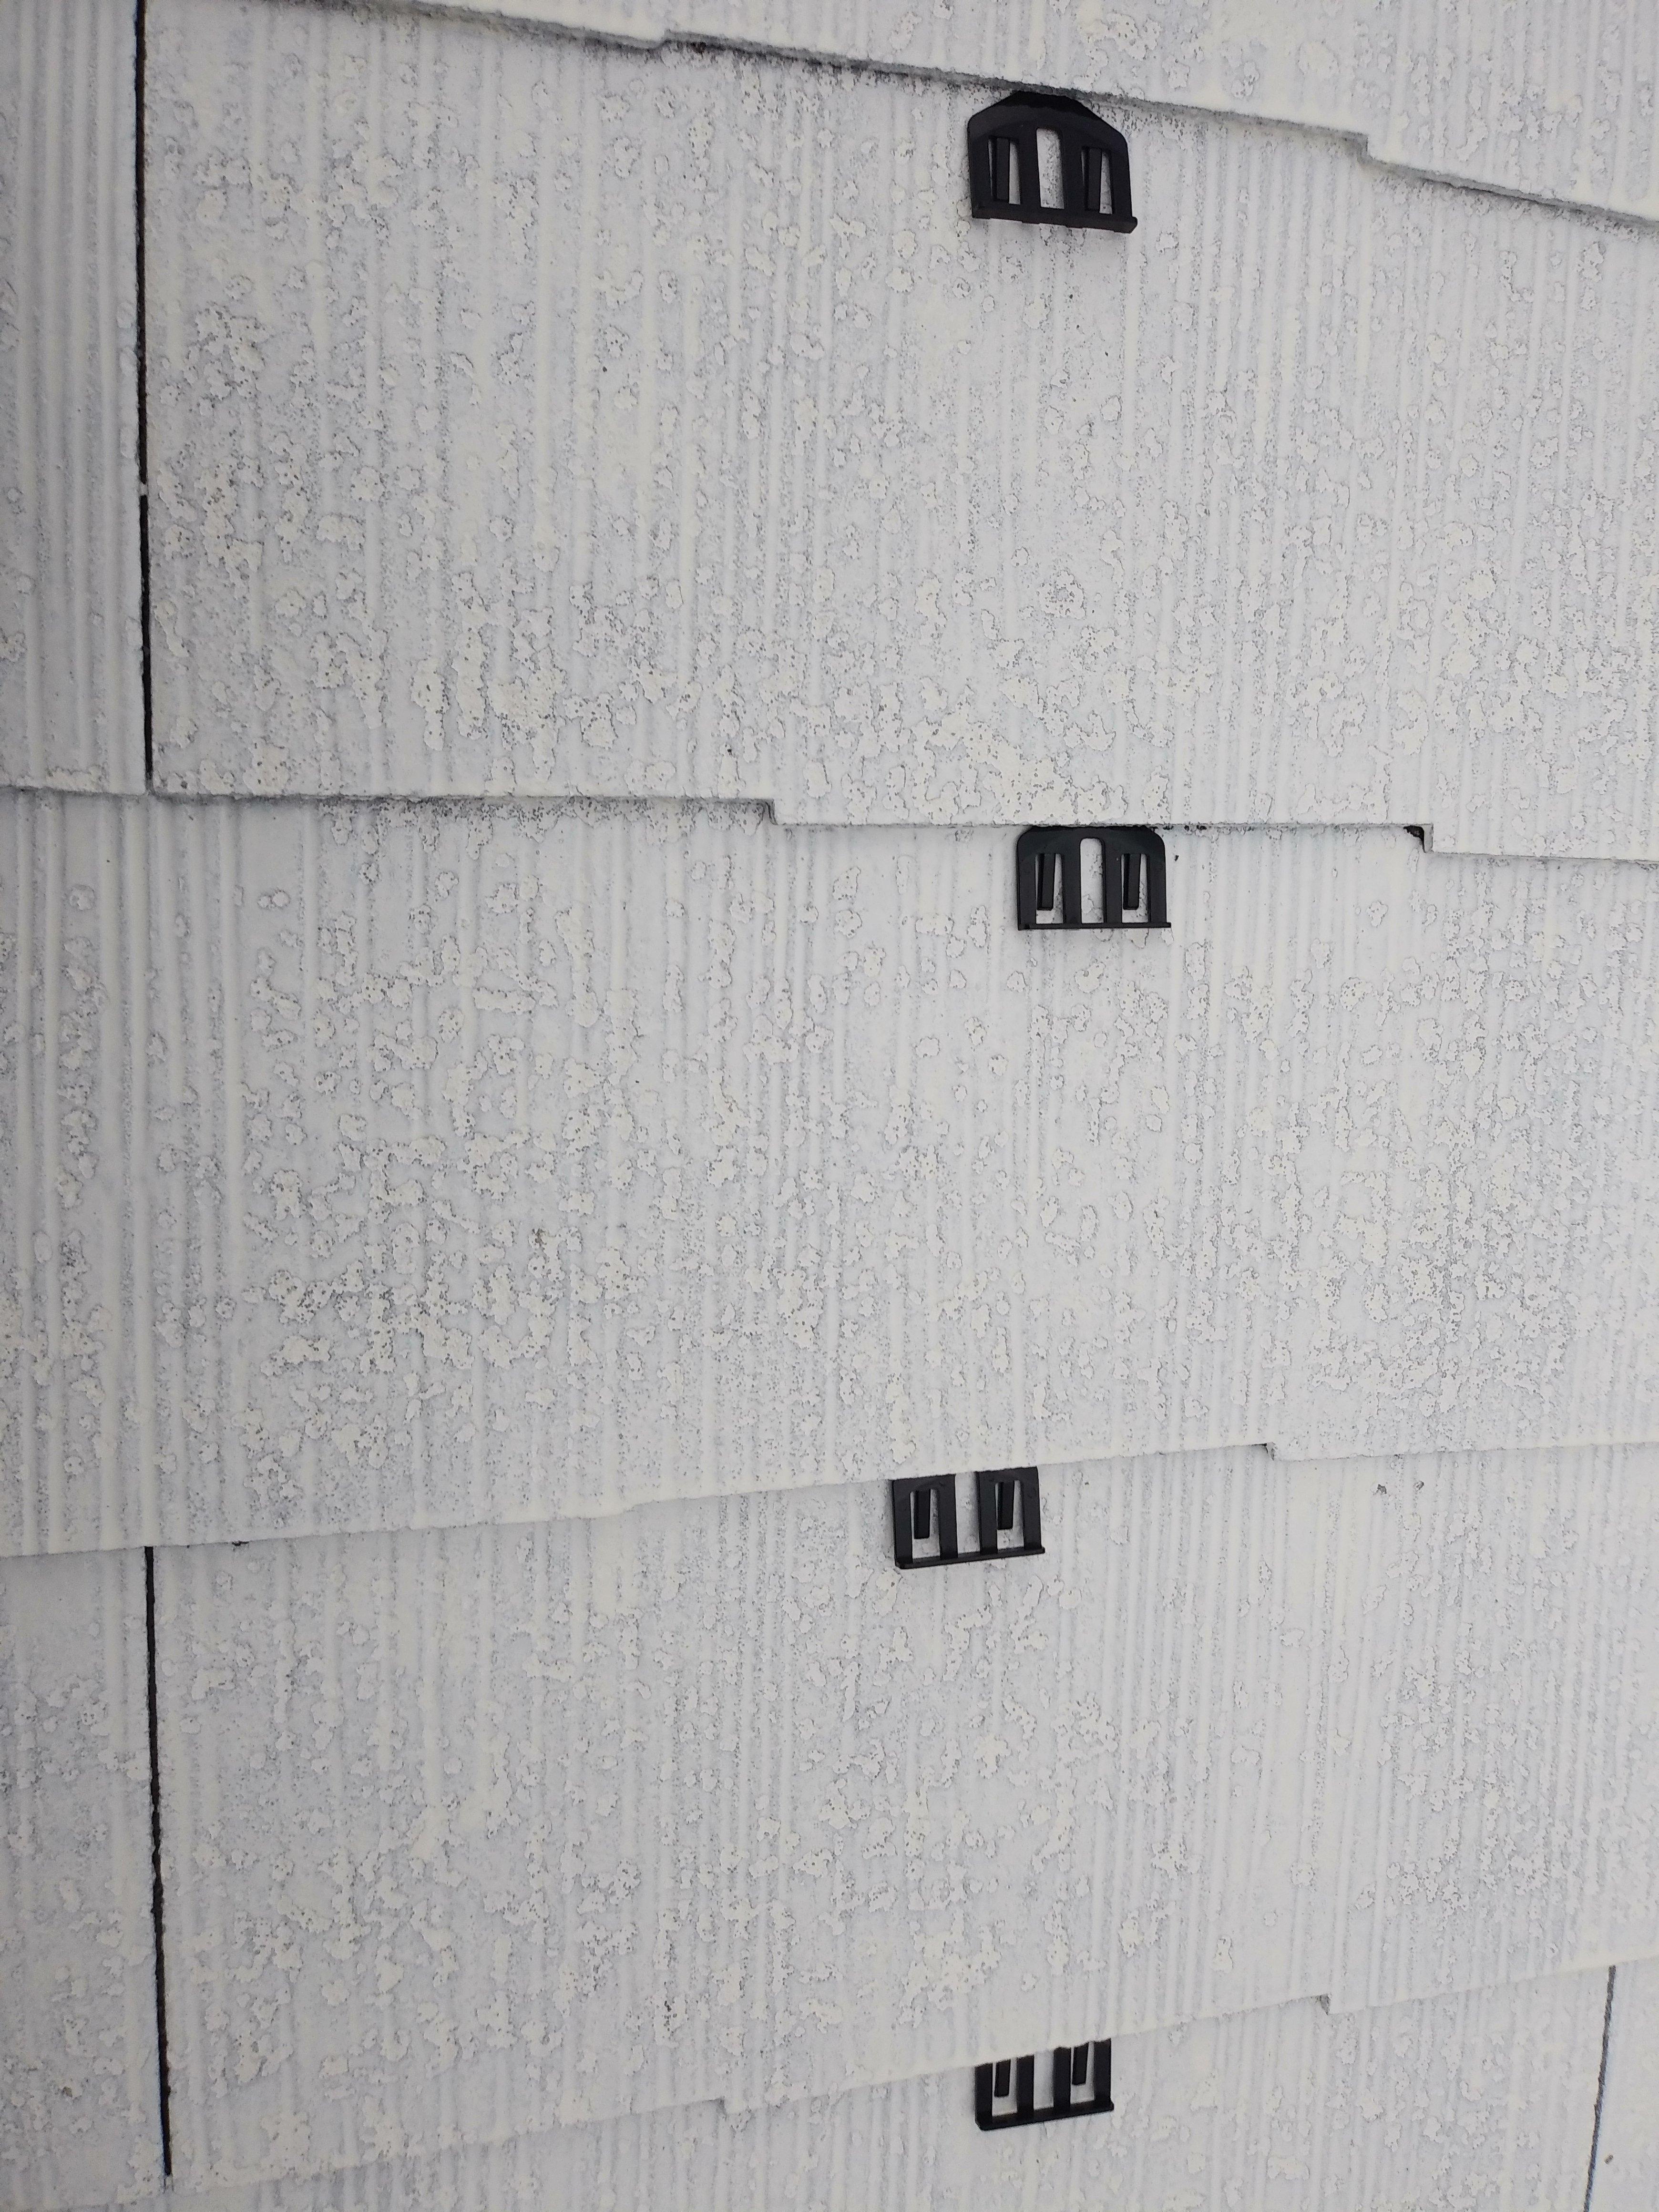 宗像市城西ケ丘T様邸施工3日目屋根縁切り中塗り外壁下塗り付帯塗装作業